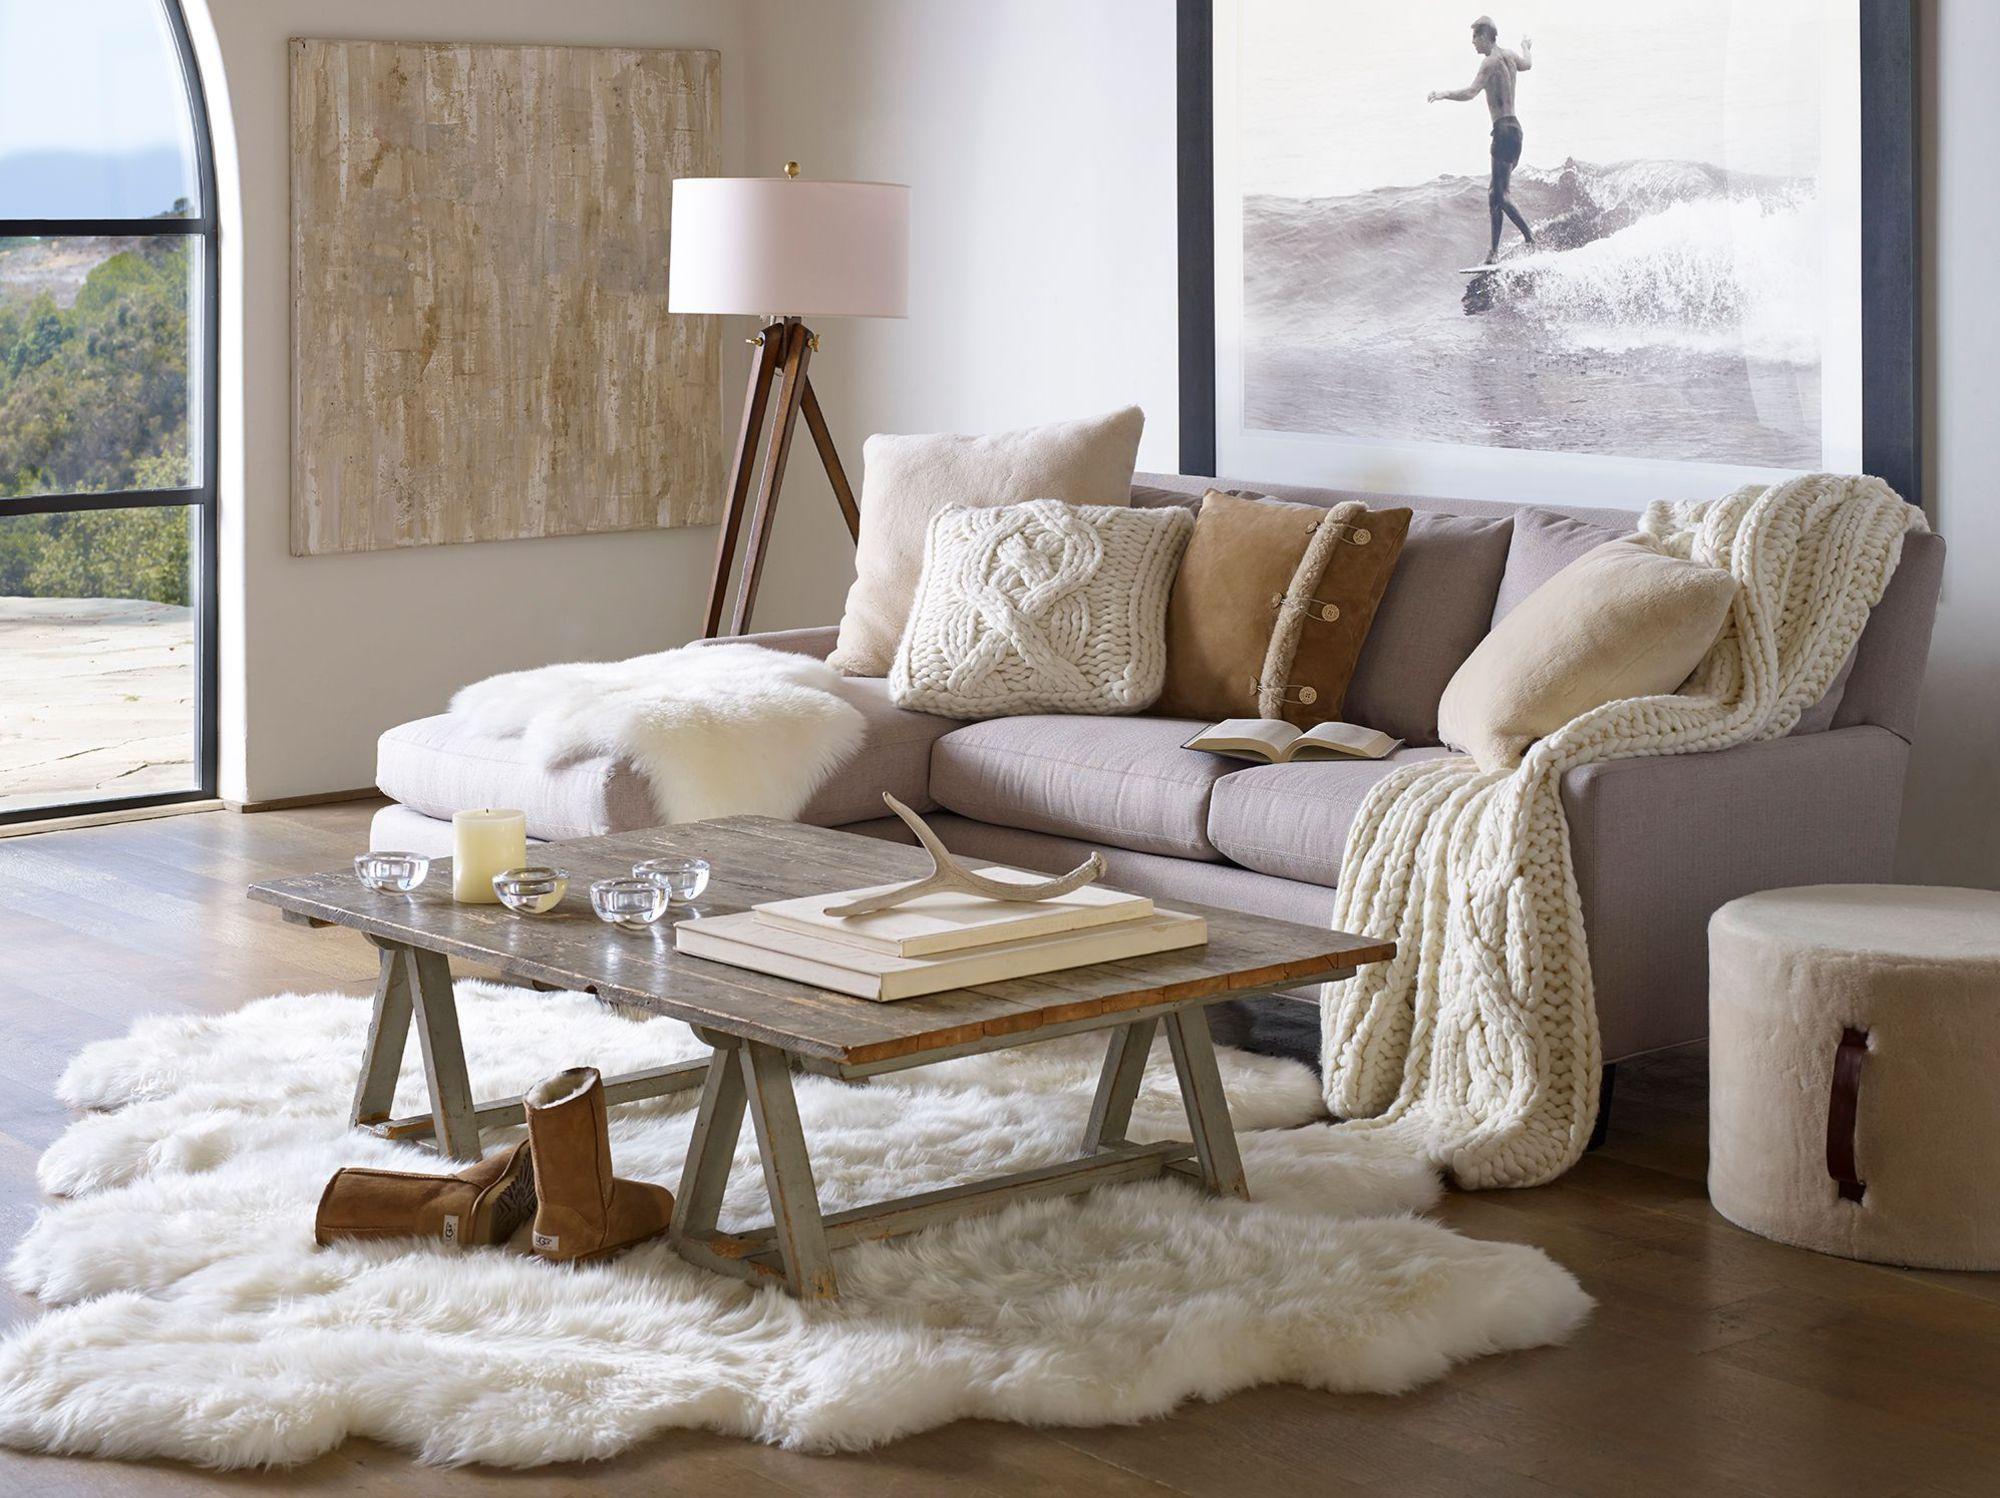 A grand renfort de fourrures douces, lainages et touches de lumière, le  séjour passe en mode cocooning. En images, 12 astuces déco